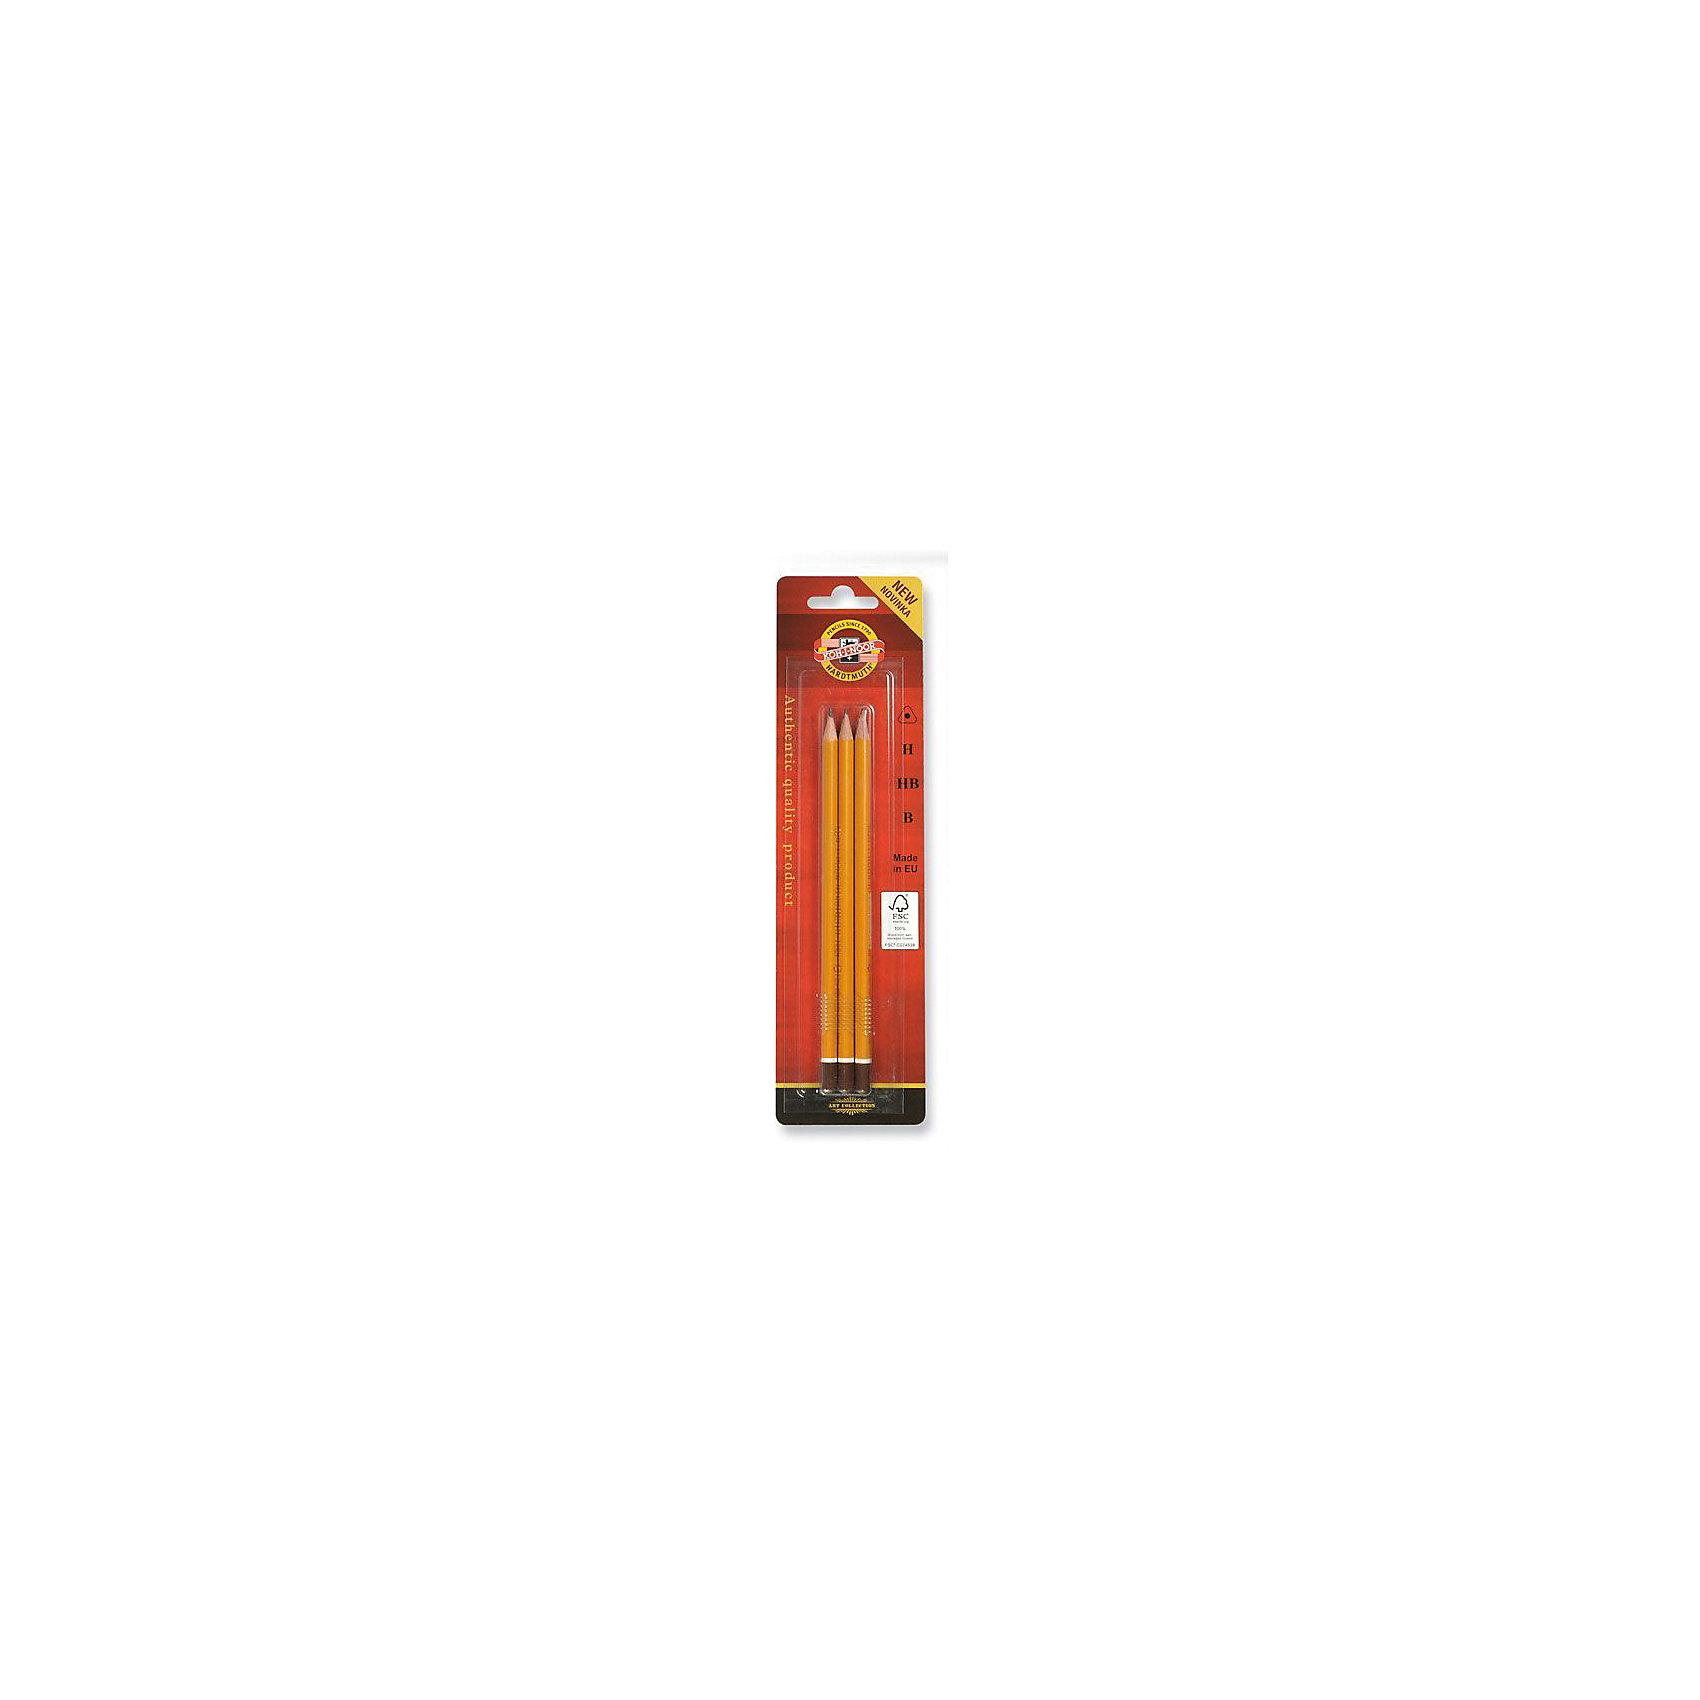 KOH-I-NOOR Набор карандашей чернографитных, 3 штРисование<br>Заточенный чернографитный  карандаш. Трехгранный корпус желтого цвета, торцевая часть выпуклая, окрашена в коричневый цвет с белым ободком. Диаметр грифеля - 2мм. Длина стержня - 175мм. 3 штуки (твердость В, Н, НВ)<br><br>Ширина мм: 200<br>Глубина мм: 70<br>Высота мм: 10<br>Вес г: 39<br>Возраст от месяцев: 36<br>Возраст до месяцев: 168<br>Пол: Унисекс<br>Возраст: Детский<br>SKU: 6888697